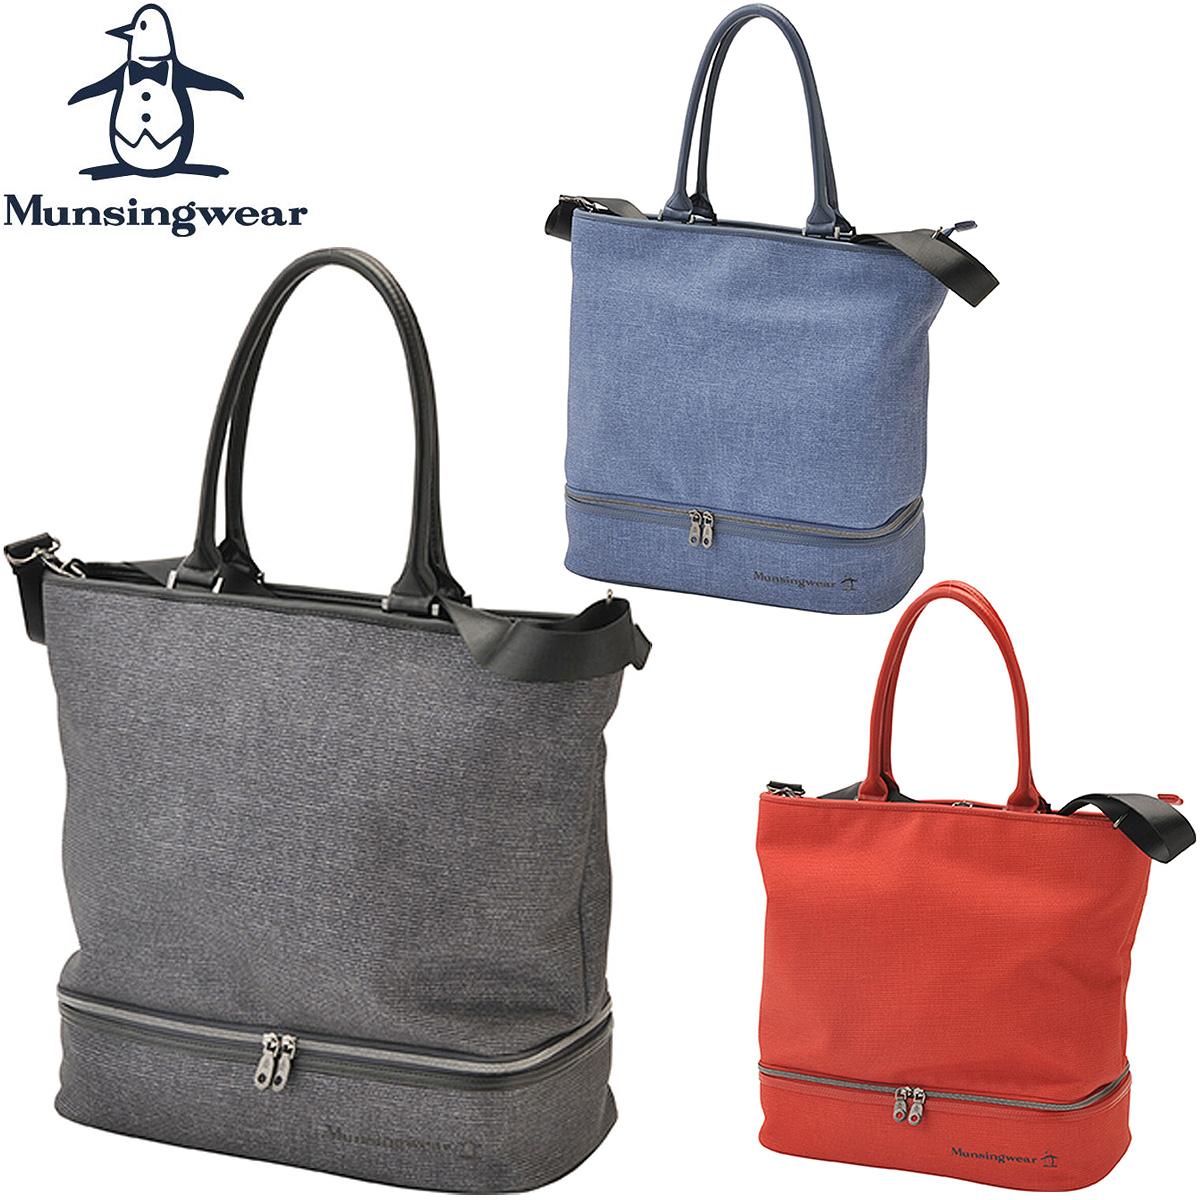 【【最大3300円OFFクーポン】】Munsingwear マンシングウエア日本正規品 二層式トートバッグ 2020新製品 「MQBPJA01」 【あす楽対応】